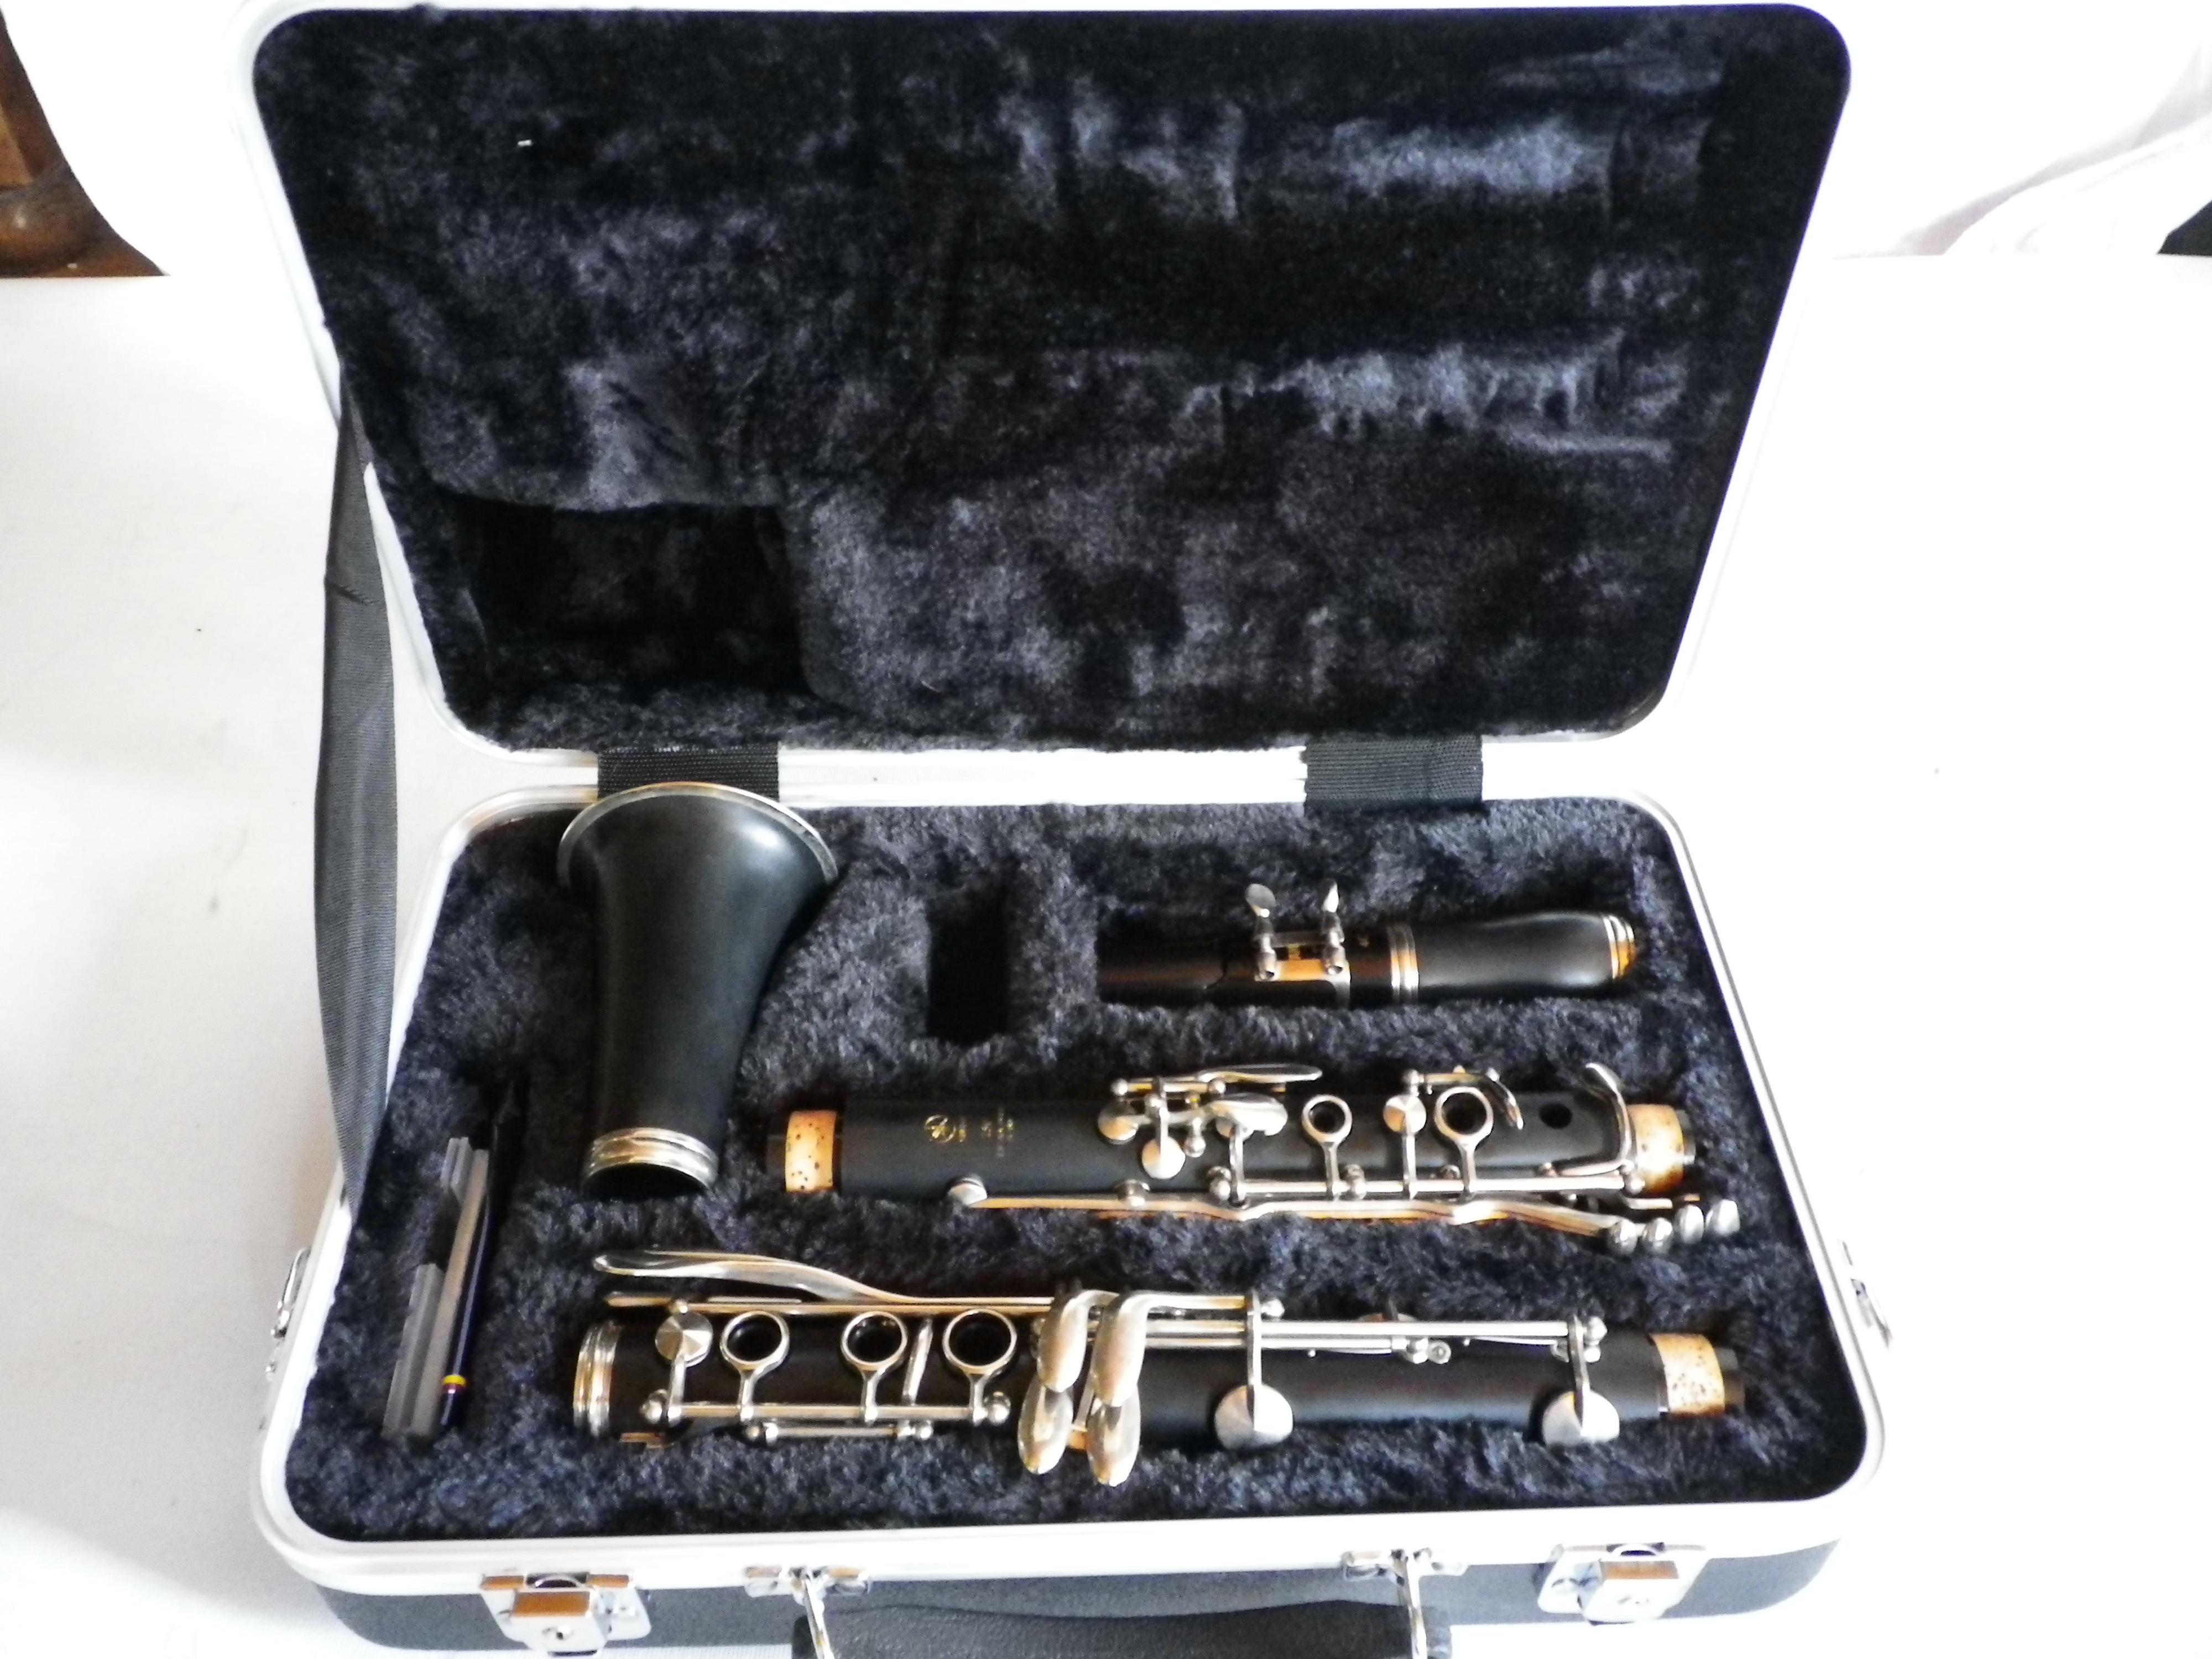 yamaha 250 clarinet. yamaha ycl-250 olly images 250 clarinet